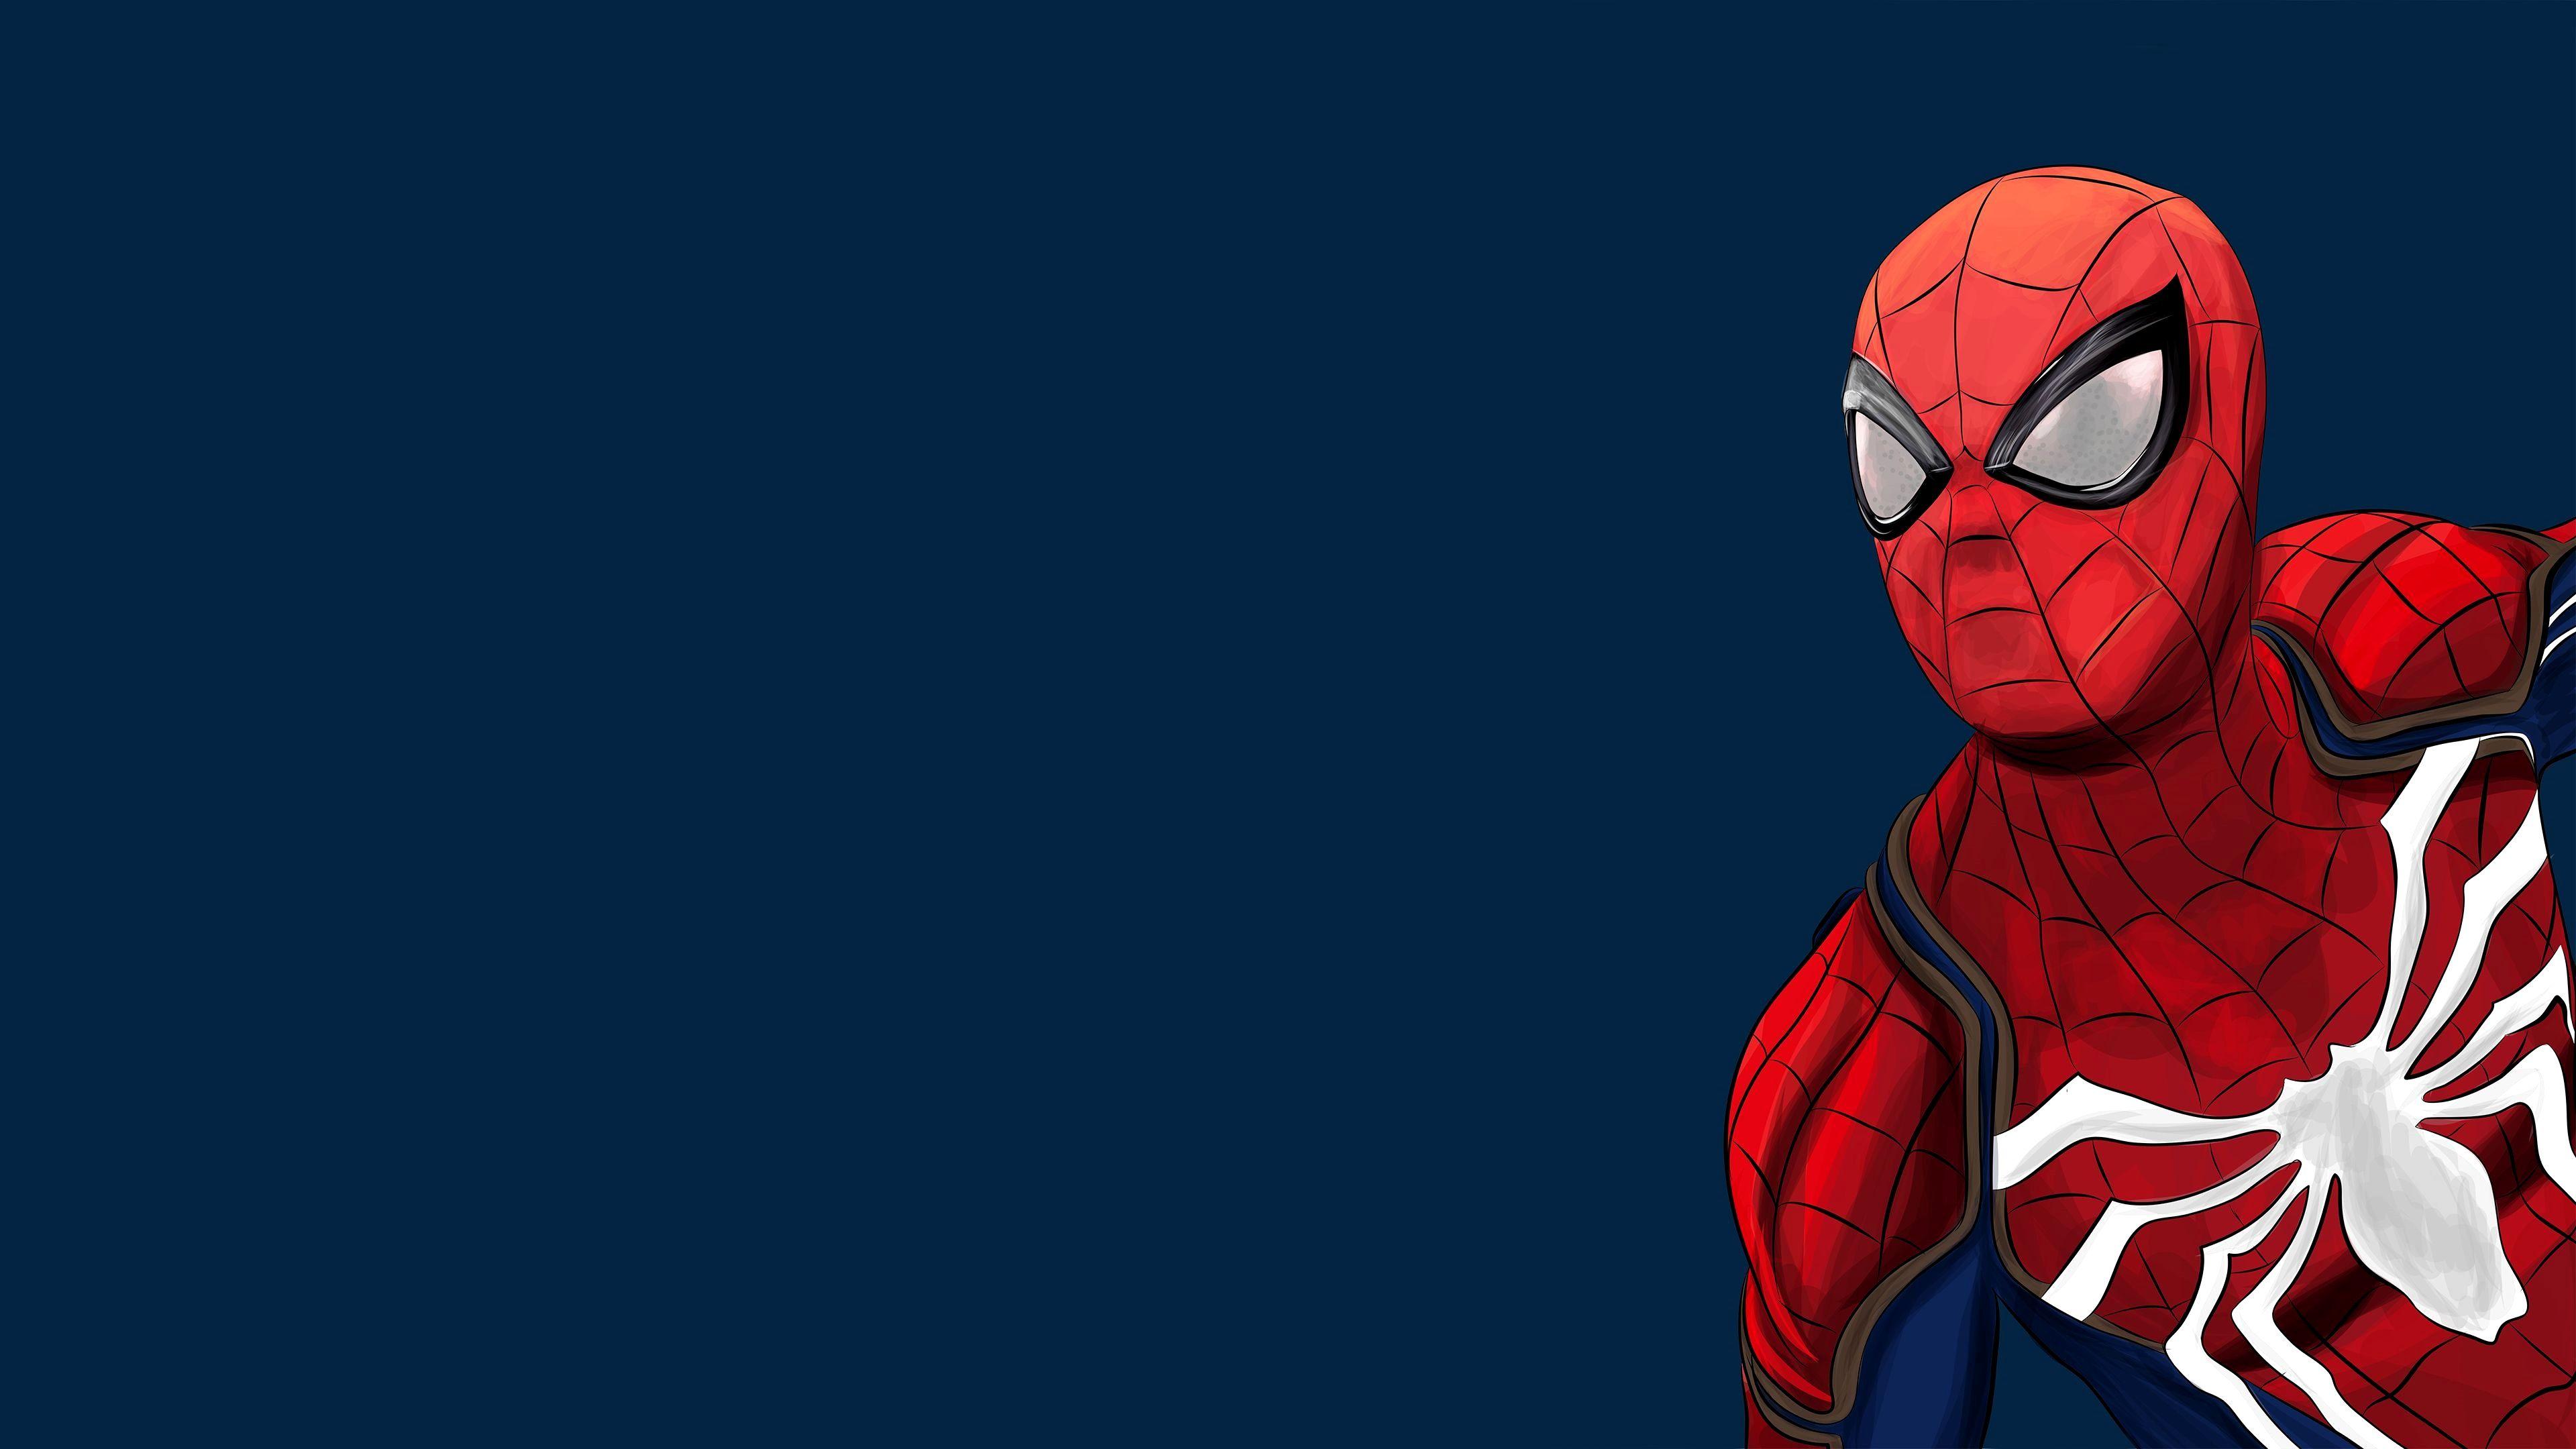 4k Wallpaper For Pc Spider Man Gallery En 2020 Spiderman Ps4 Wallpapers 4k Para Pc Fondos De Pantalla De Escritorio